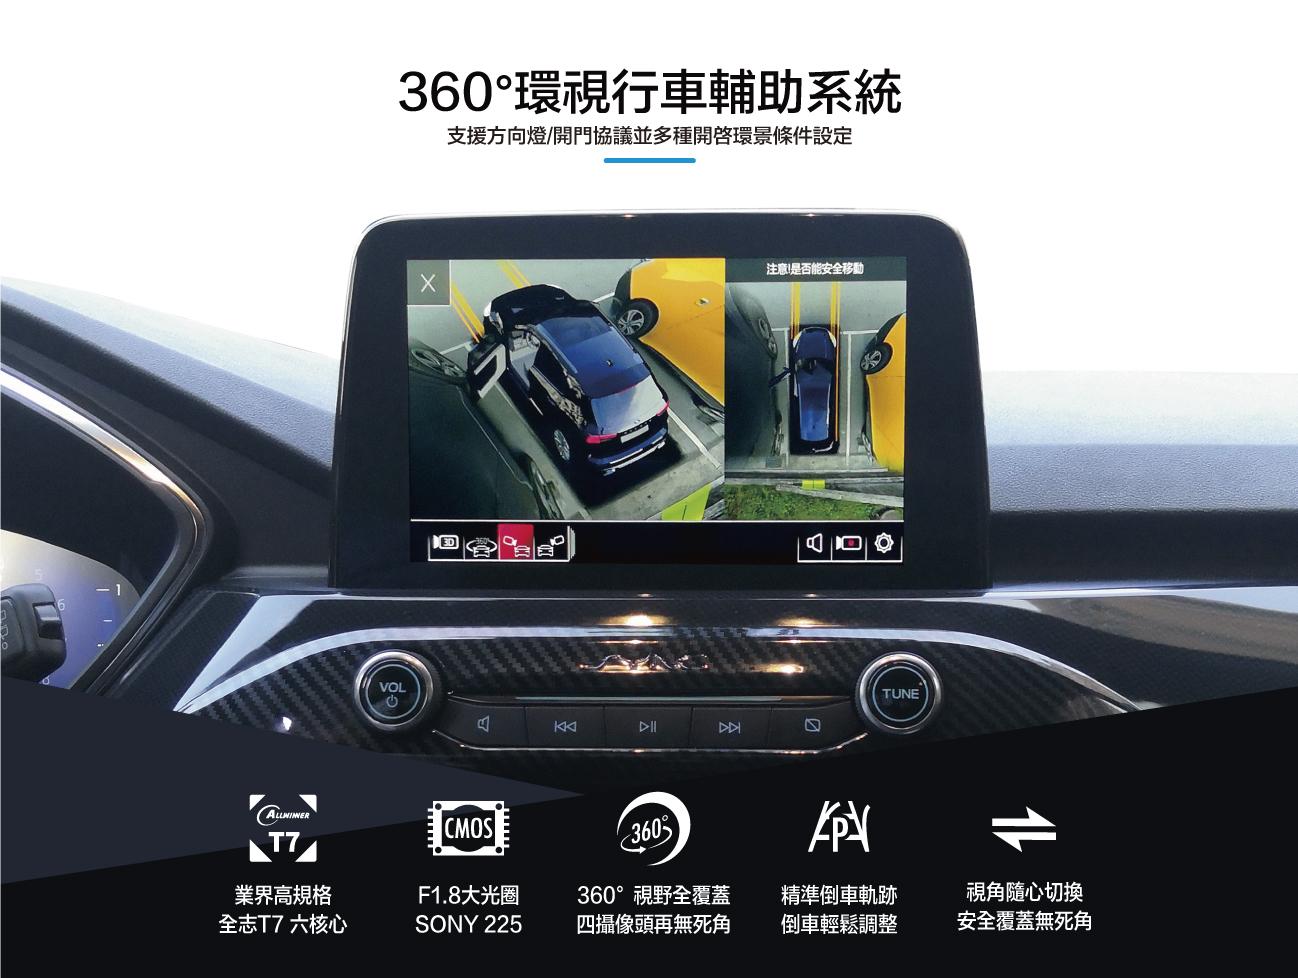 360°環視行車輔助系統